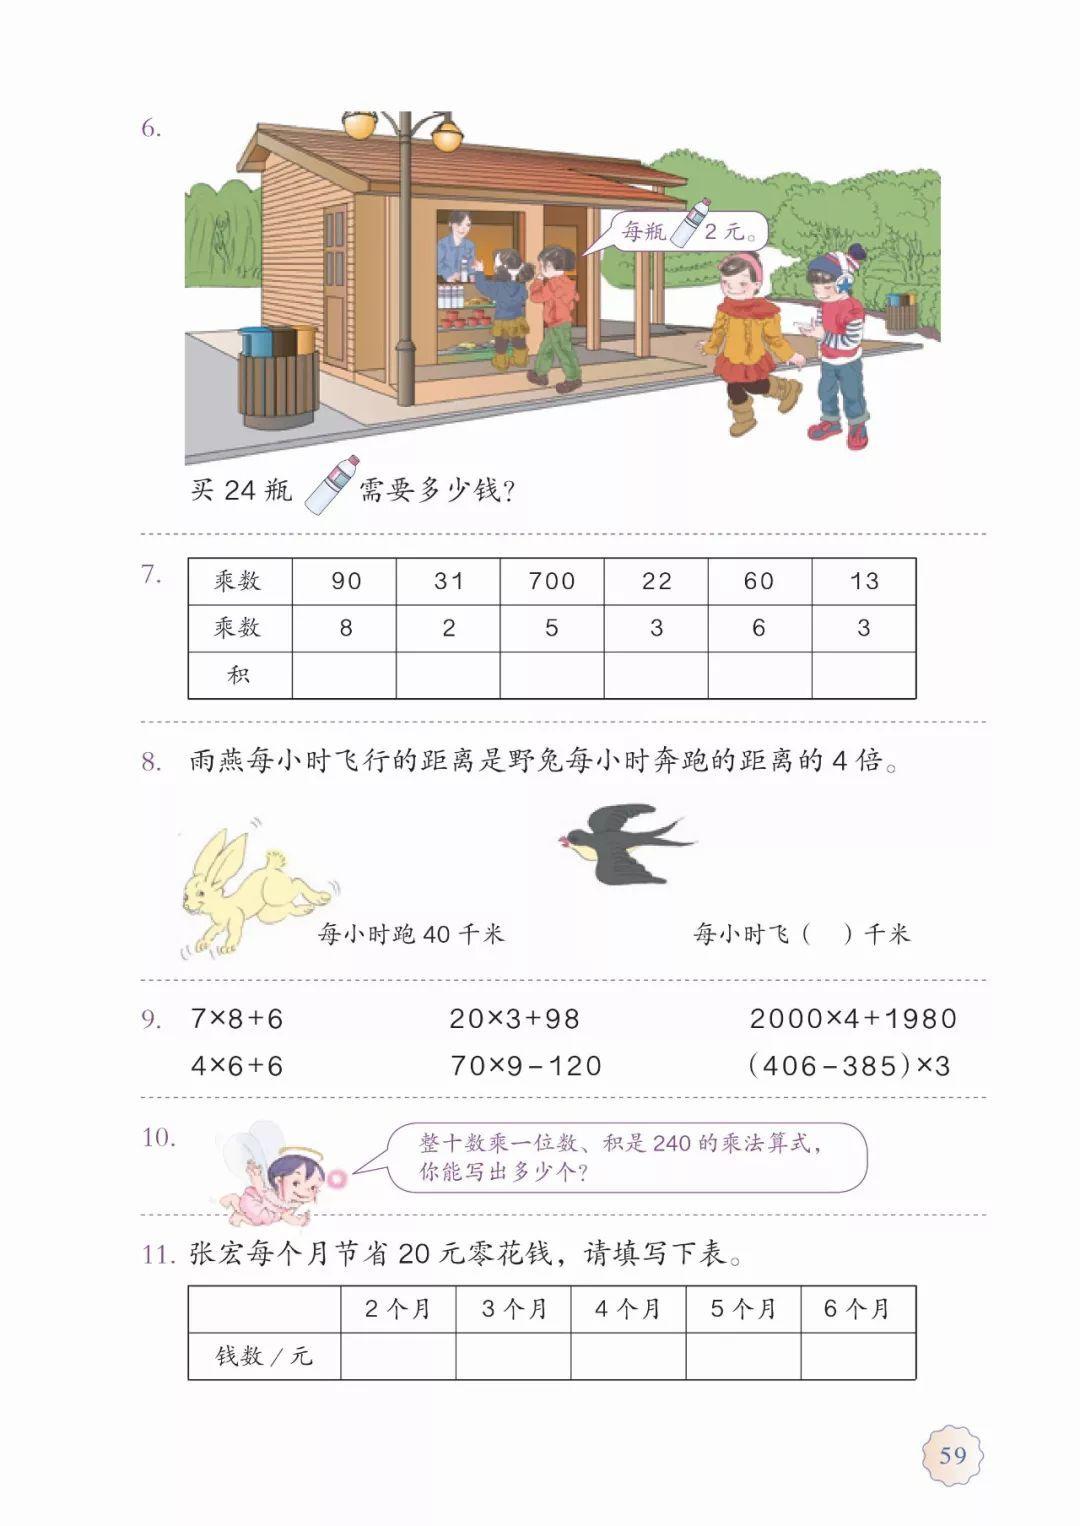 高清下载 | 人教版三年级数学上册电子课本_手机搜狐网